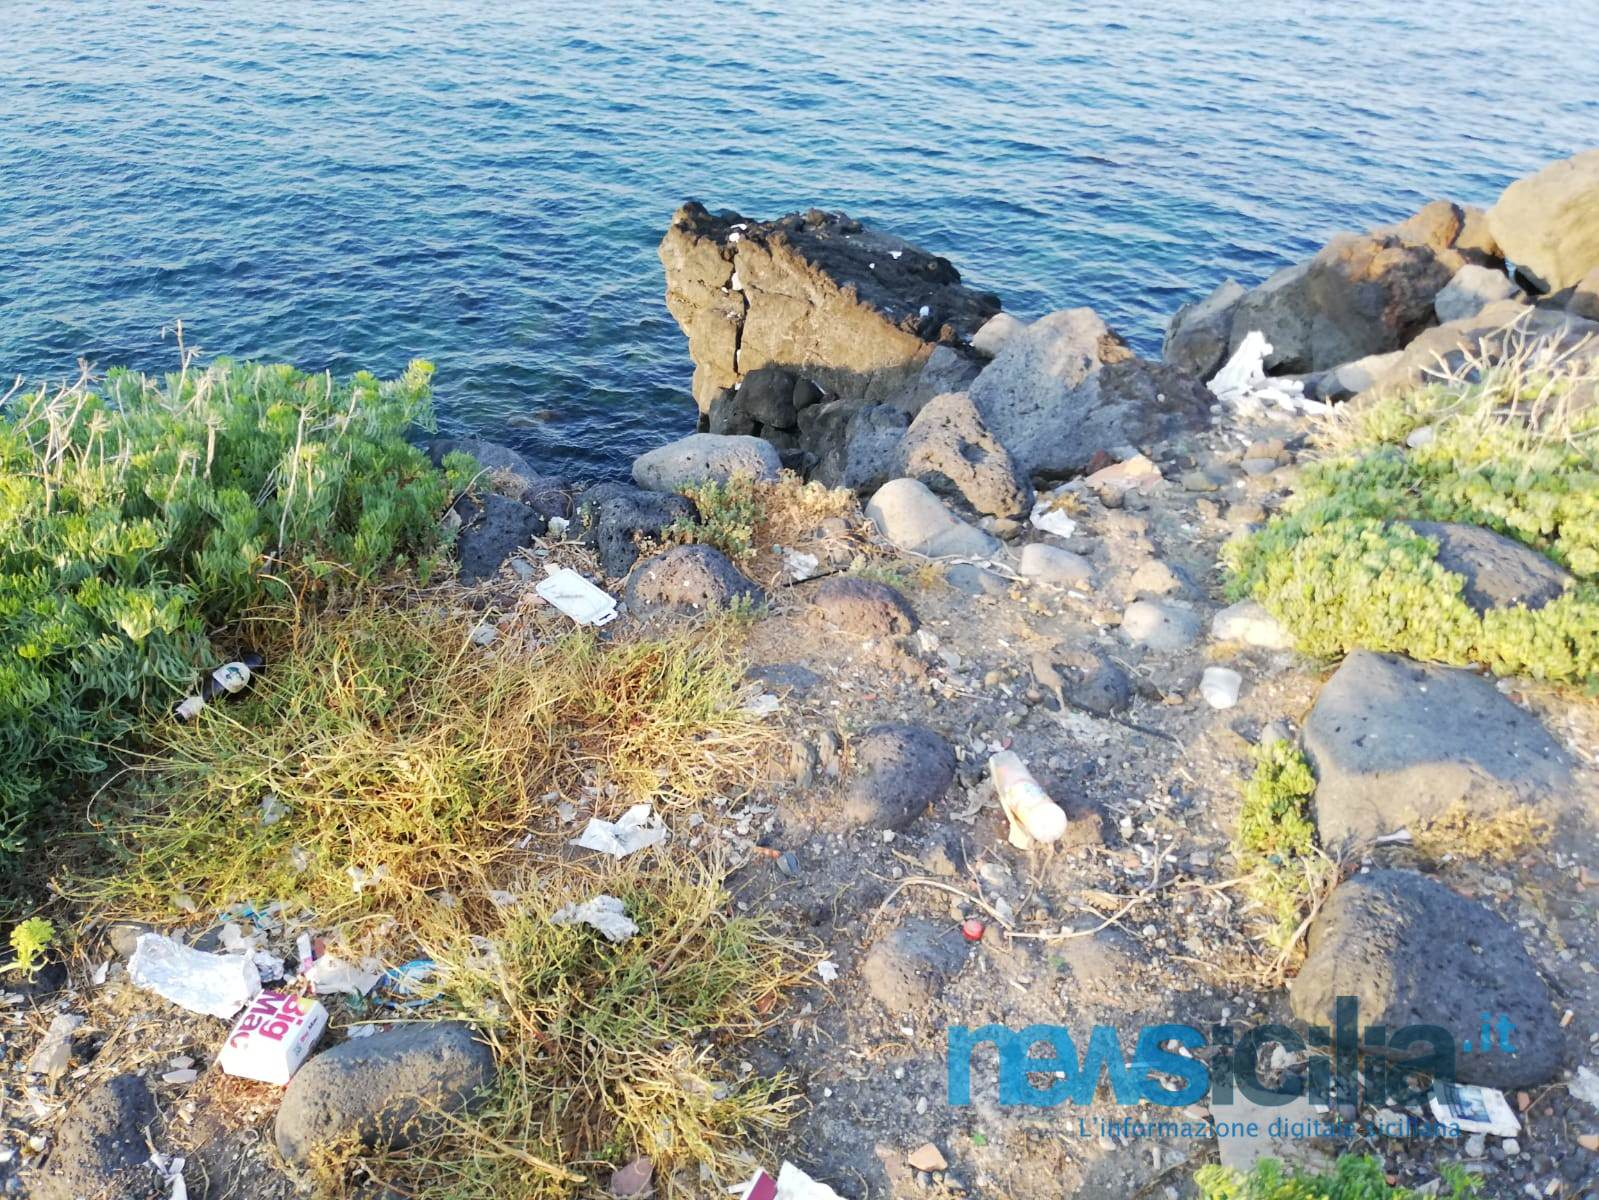 """Orrore alla scogliera di Catania, l'immondizia arriva fino al mare. Cantarella: """"Competenza del Demanio Marittimo, ma c'è troppa inciviltà"""" – FOTO"""